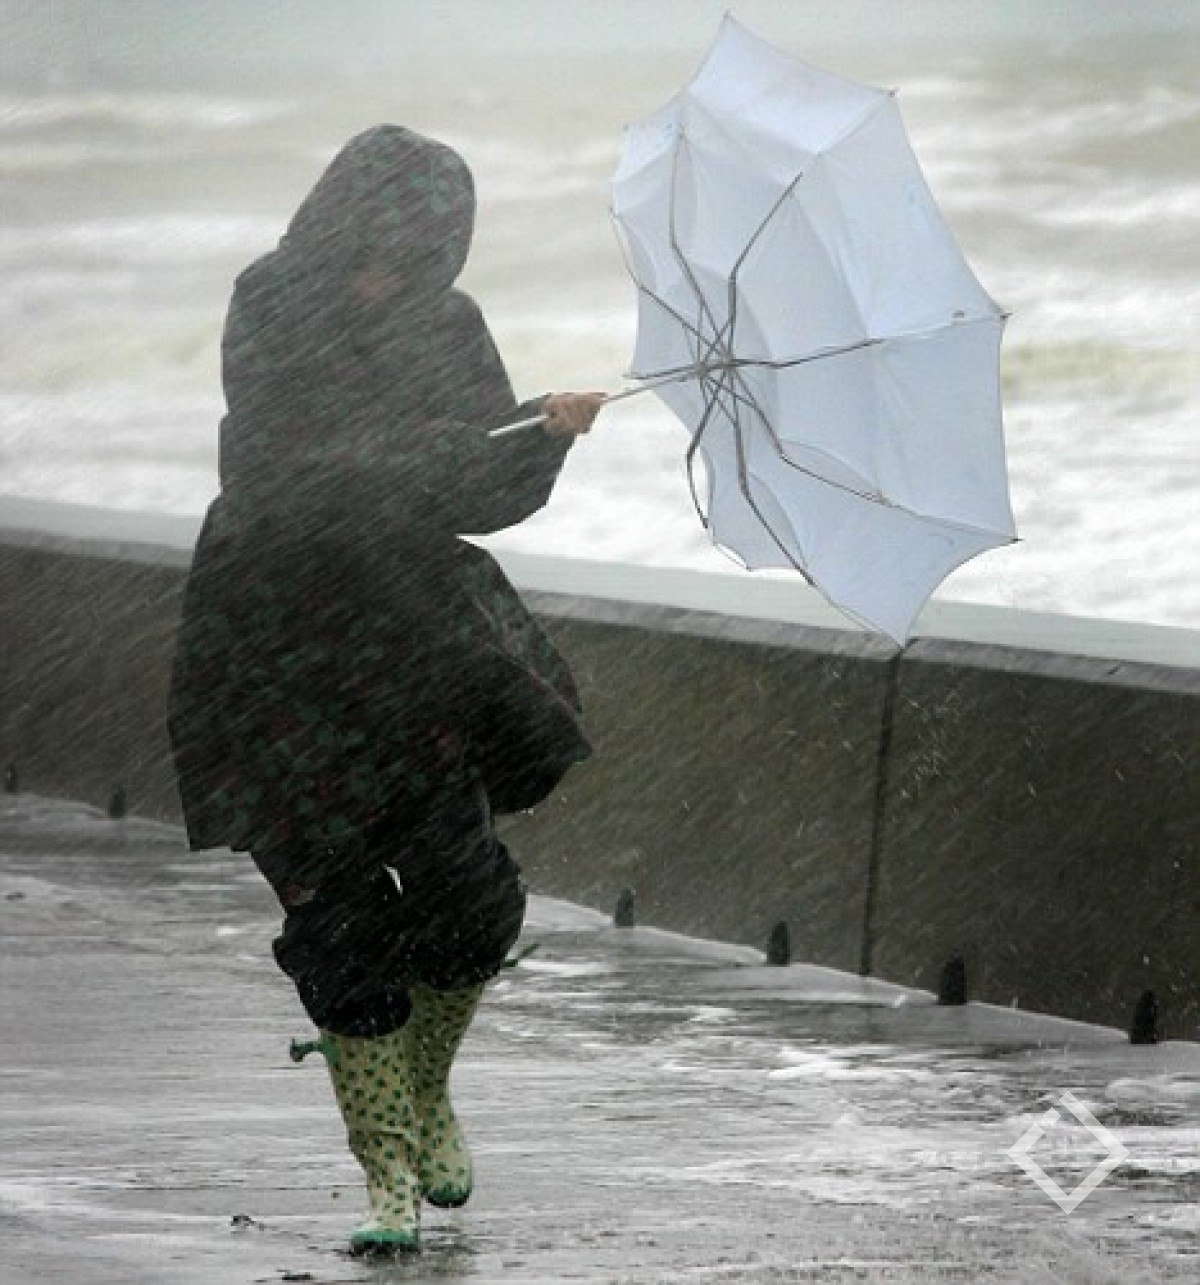 долгое время картинки приколы на тему ветра и дождя мне